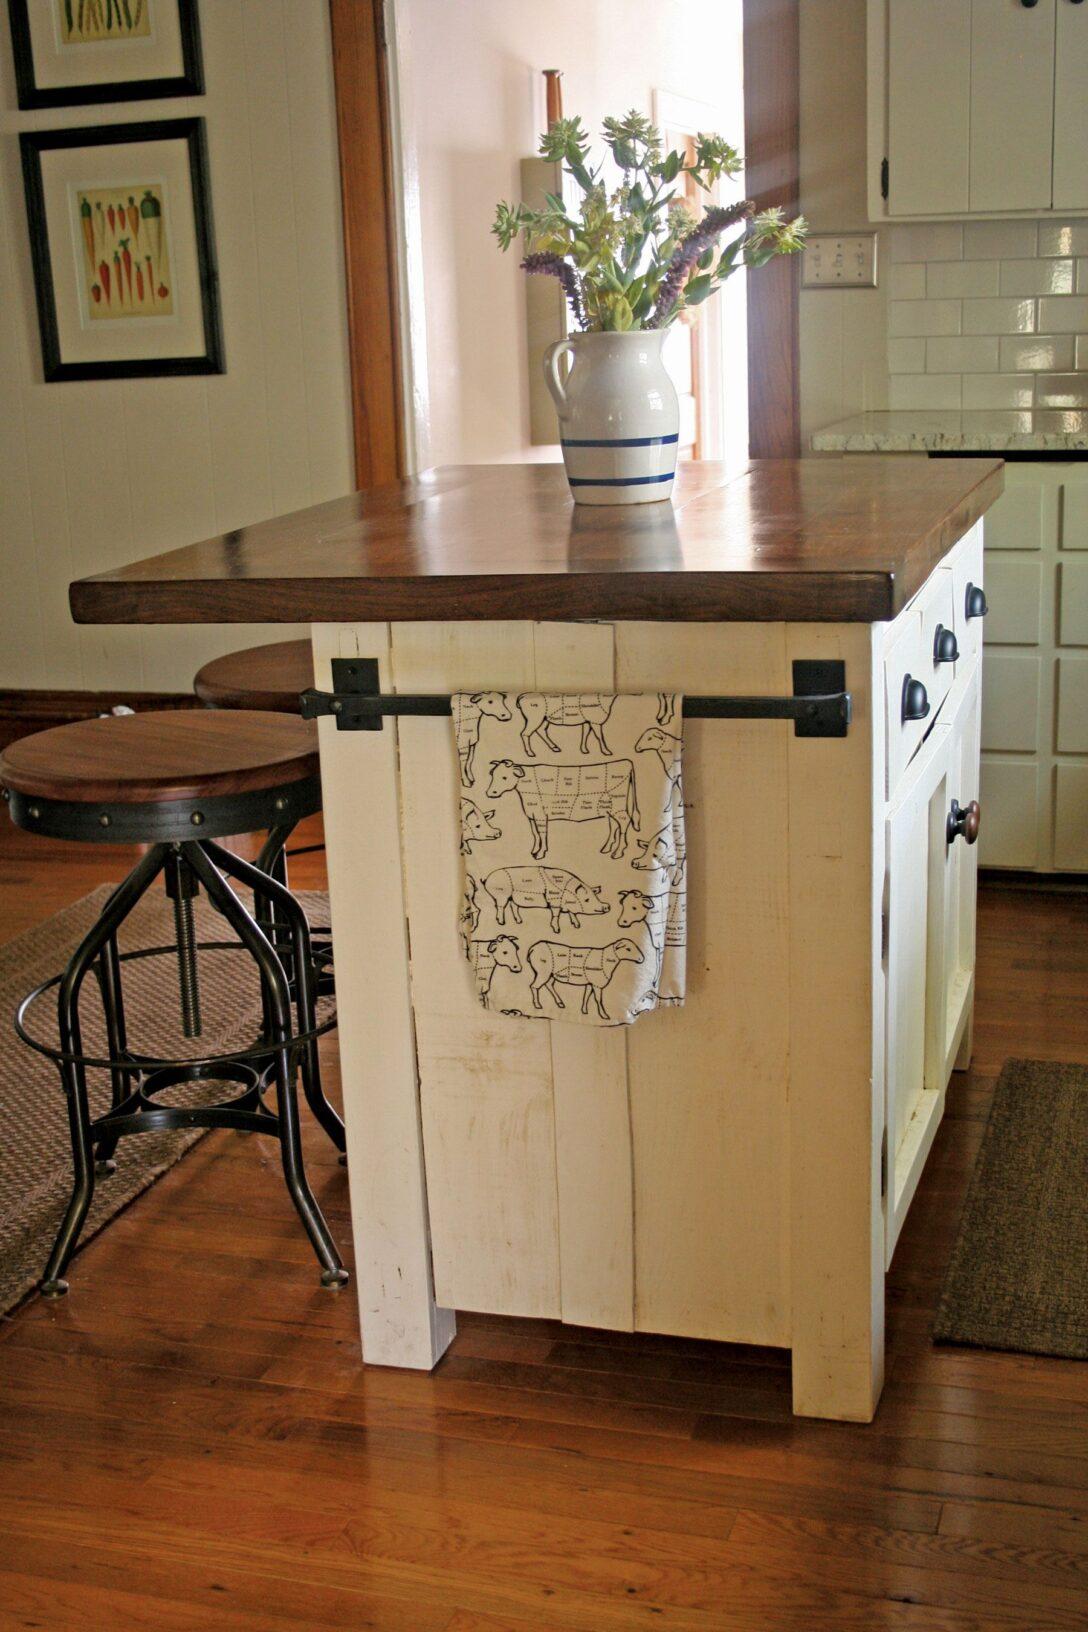 Large Size of Kücheninsel Freistehend Kche Insel Designs Mit Sitzgelegenheit Fr 4 Kleine Design Freistehende Küche Wohnzimmer Kücheninsel Freistehend